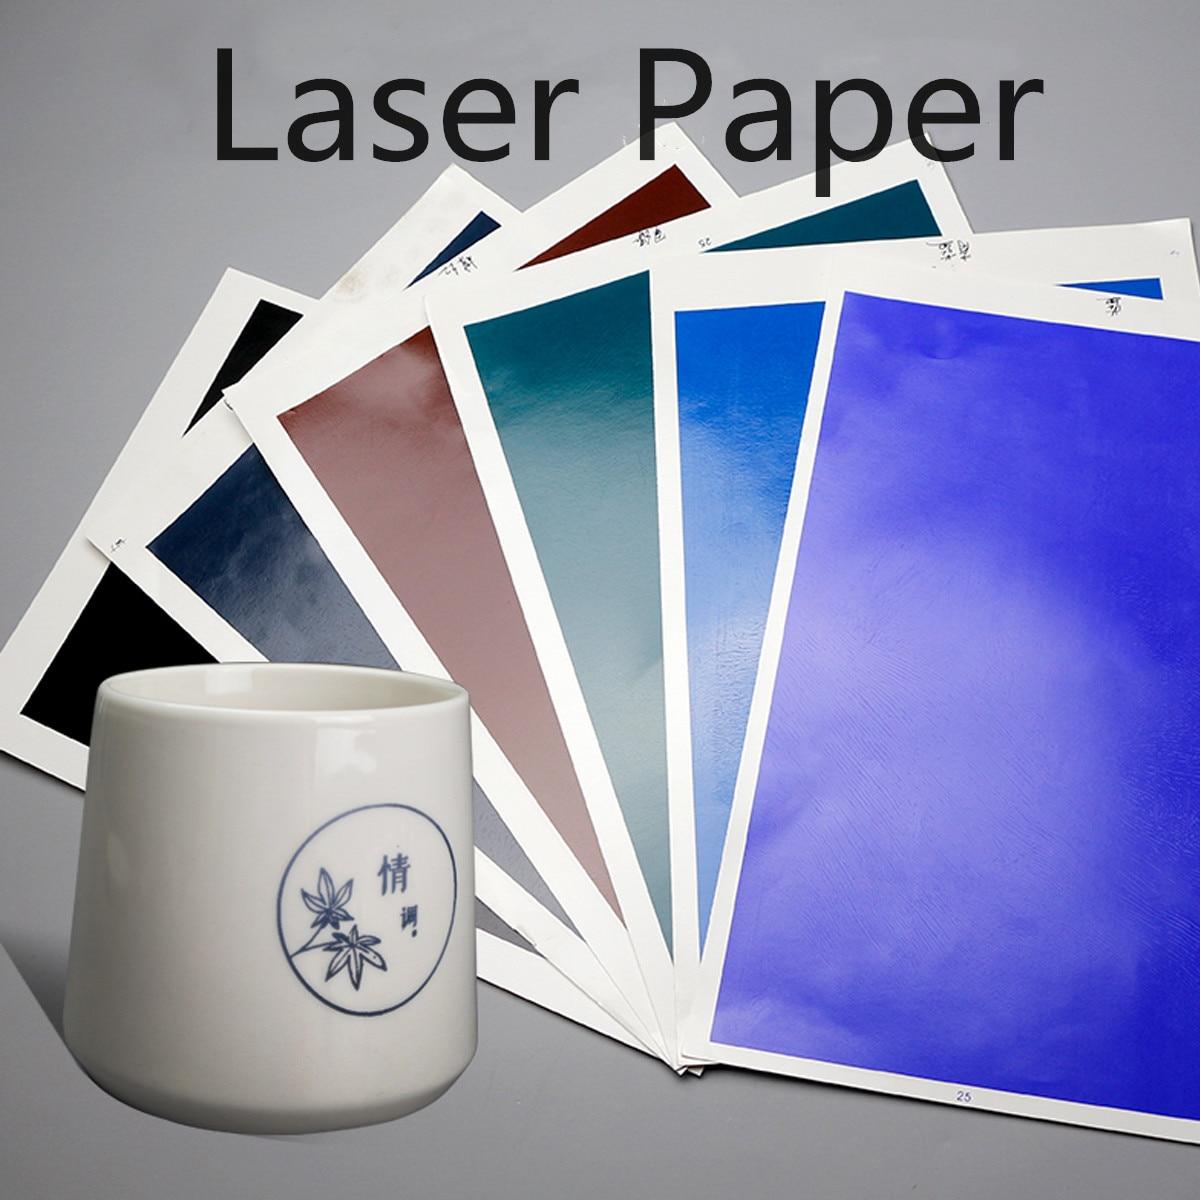 39CM * 27CM Schwarz/Grau/Blau/Grün/Braun/Blau/Navy Keramik Laser papier Für CNC Laser Gravur MachineLogo Mark Drucker Cutter